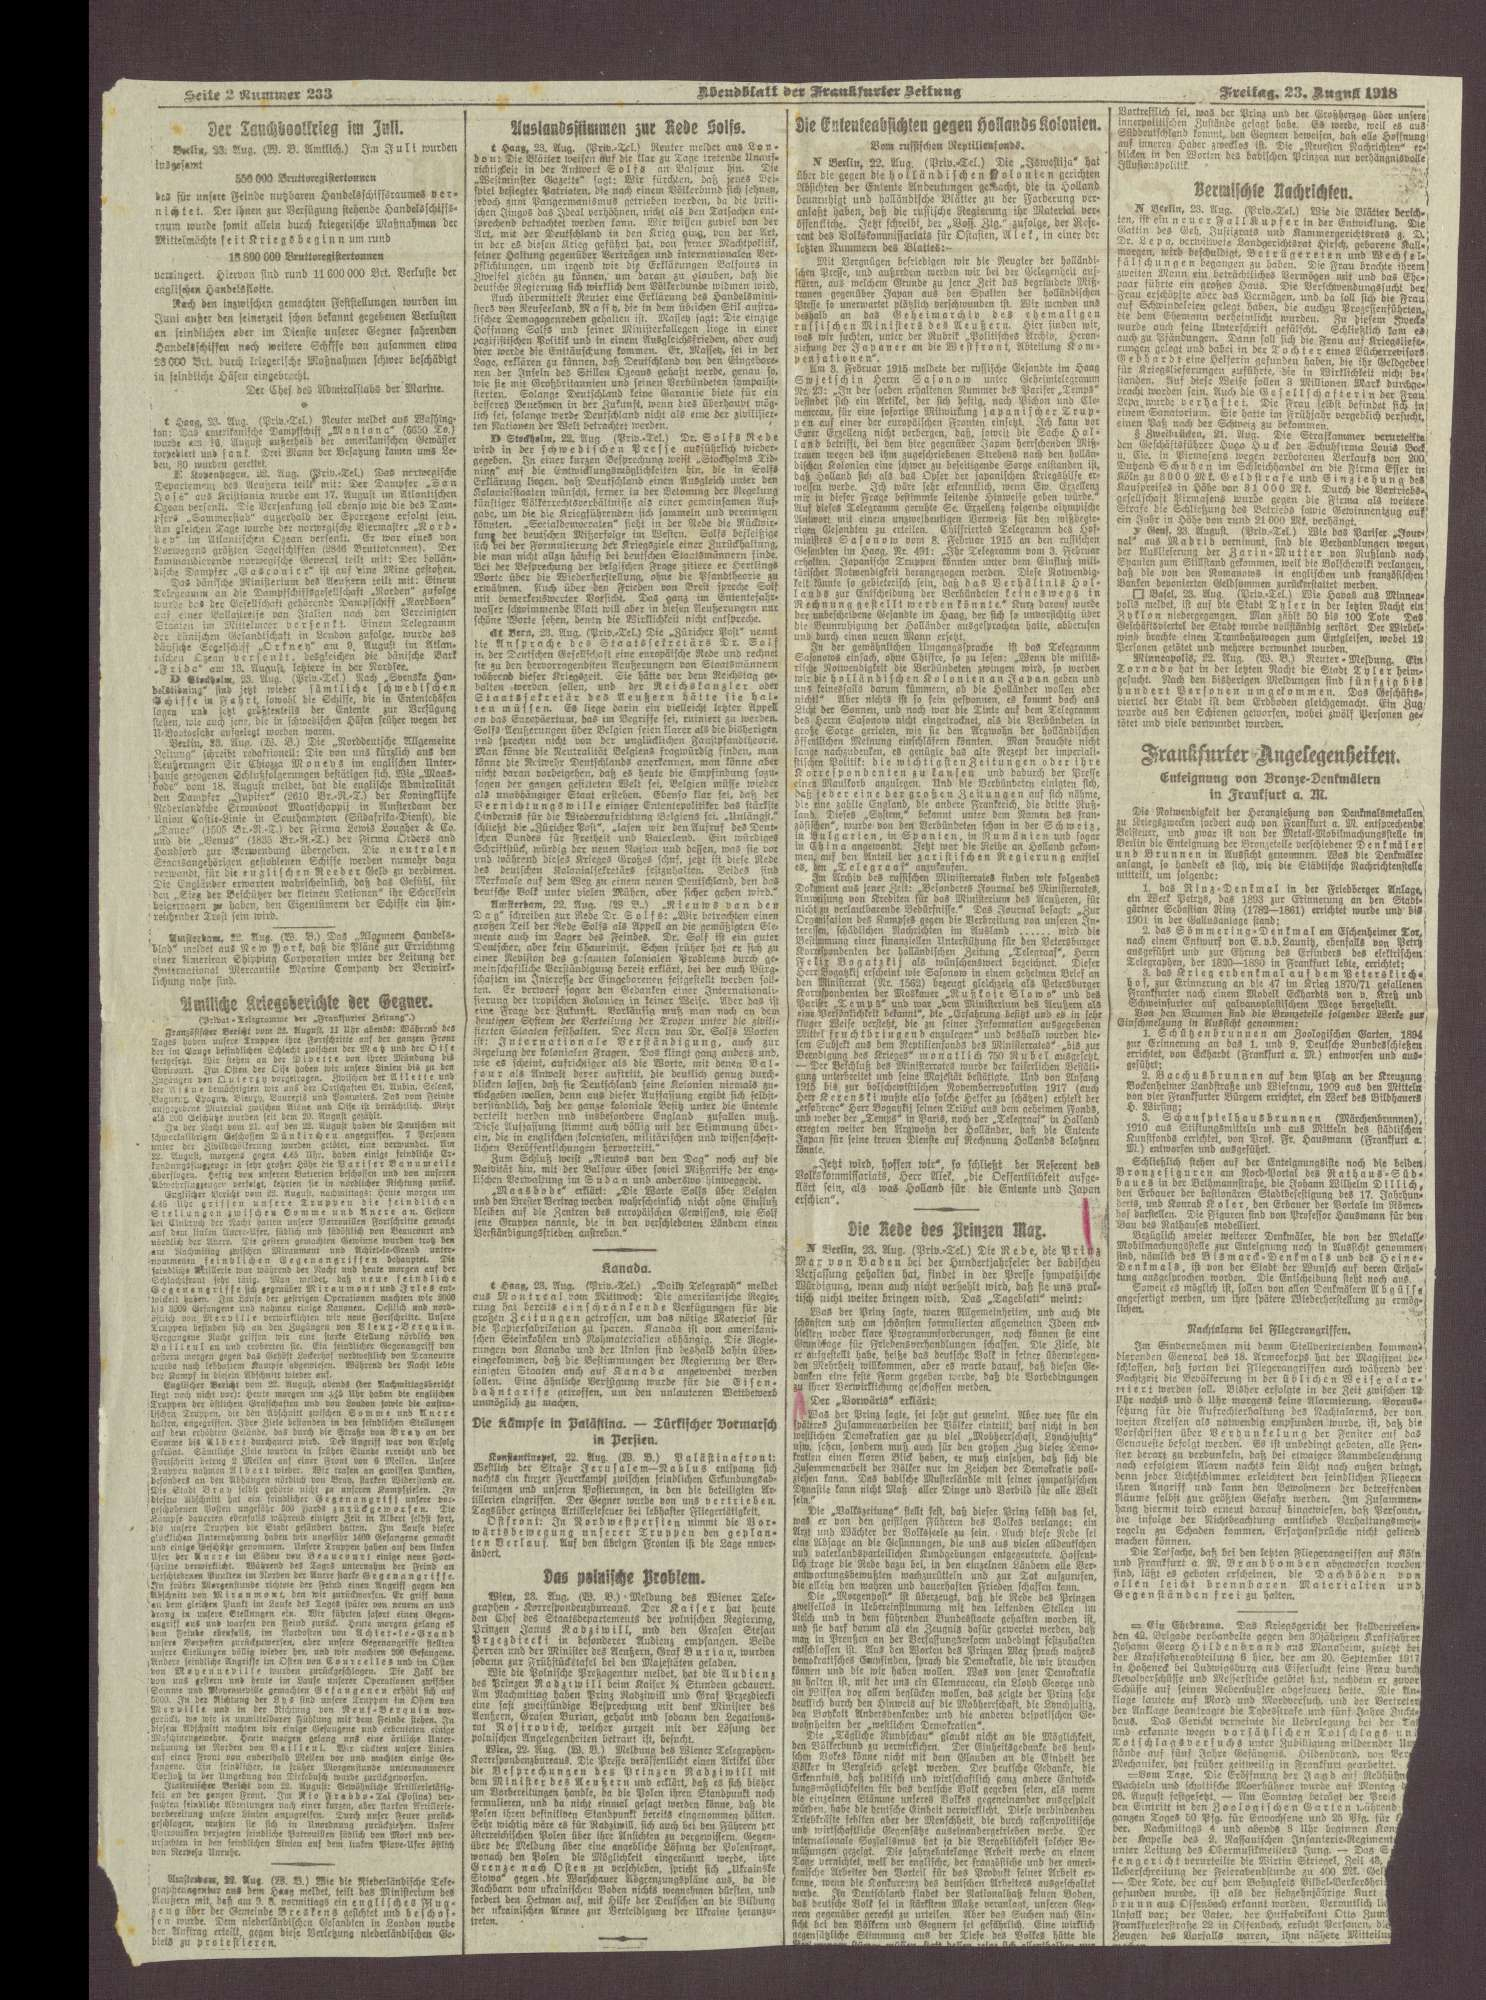 """Artikel in der Frankfurter Zeitung: """"Freitag, 23. August"""", Bild 3"""